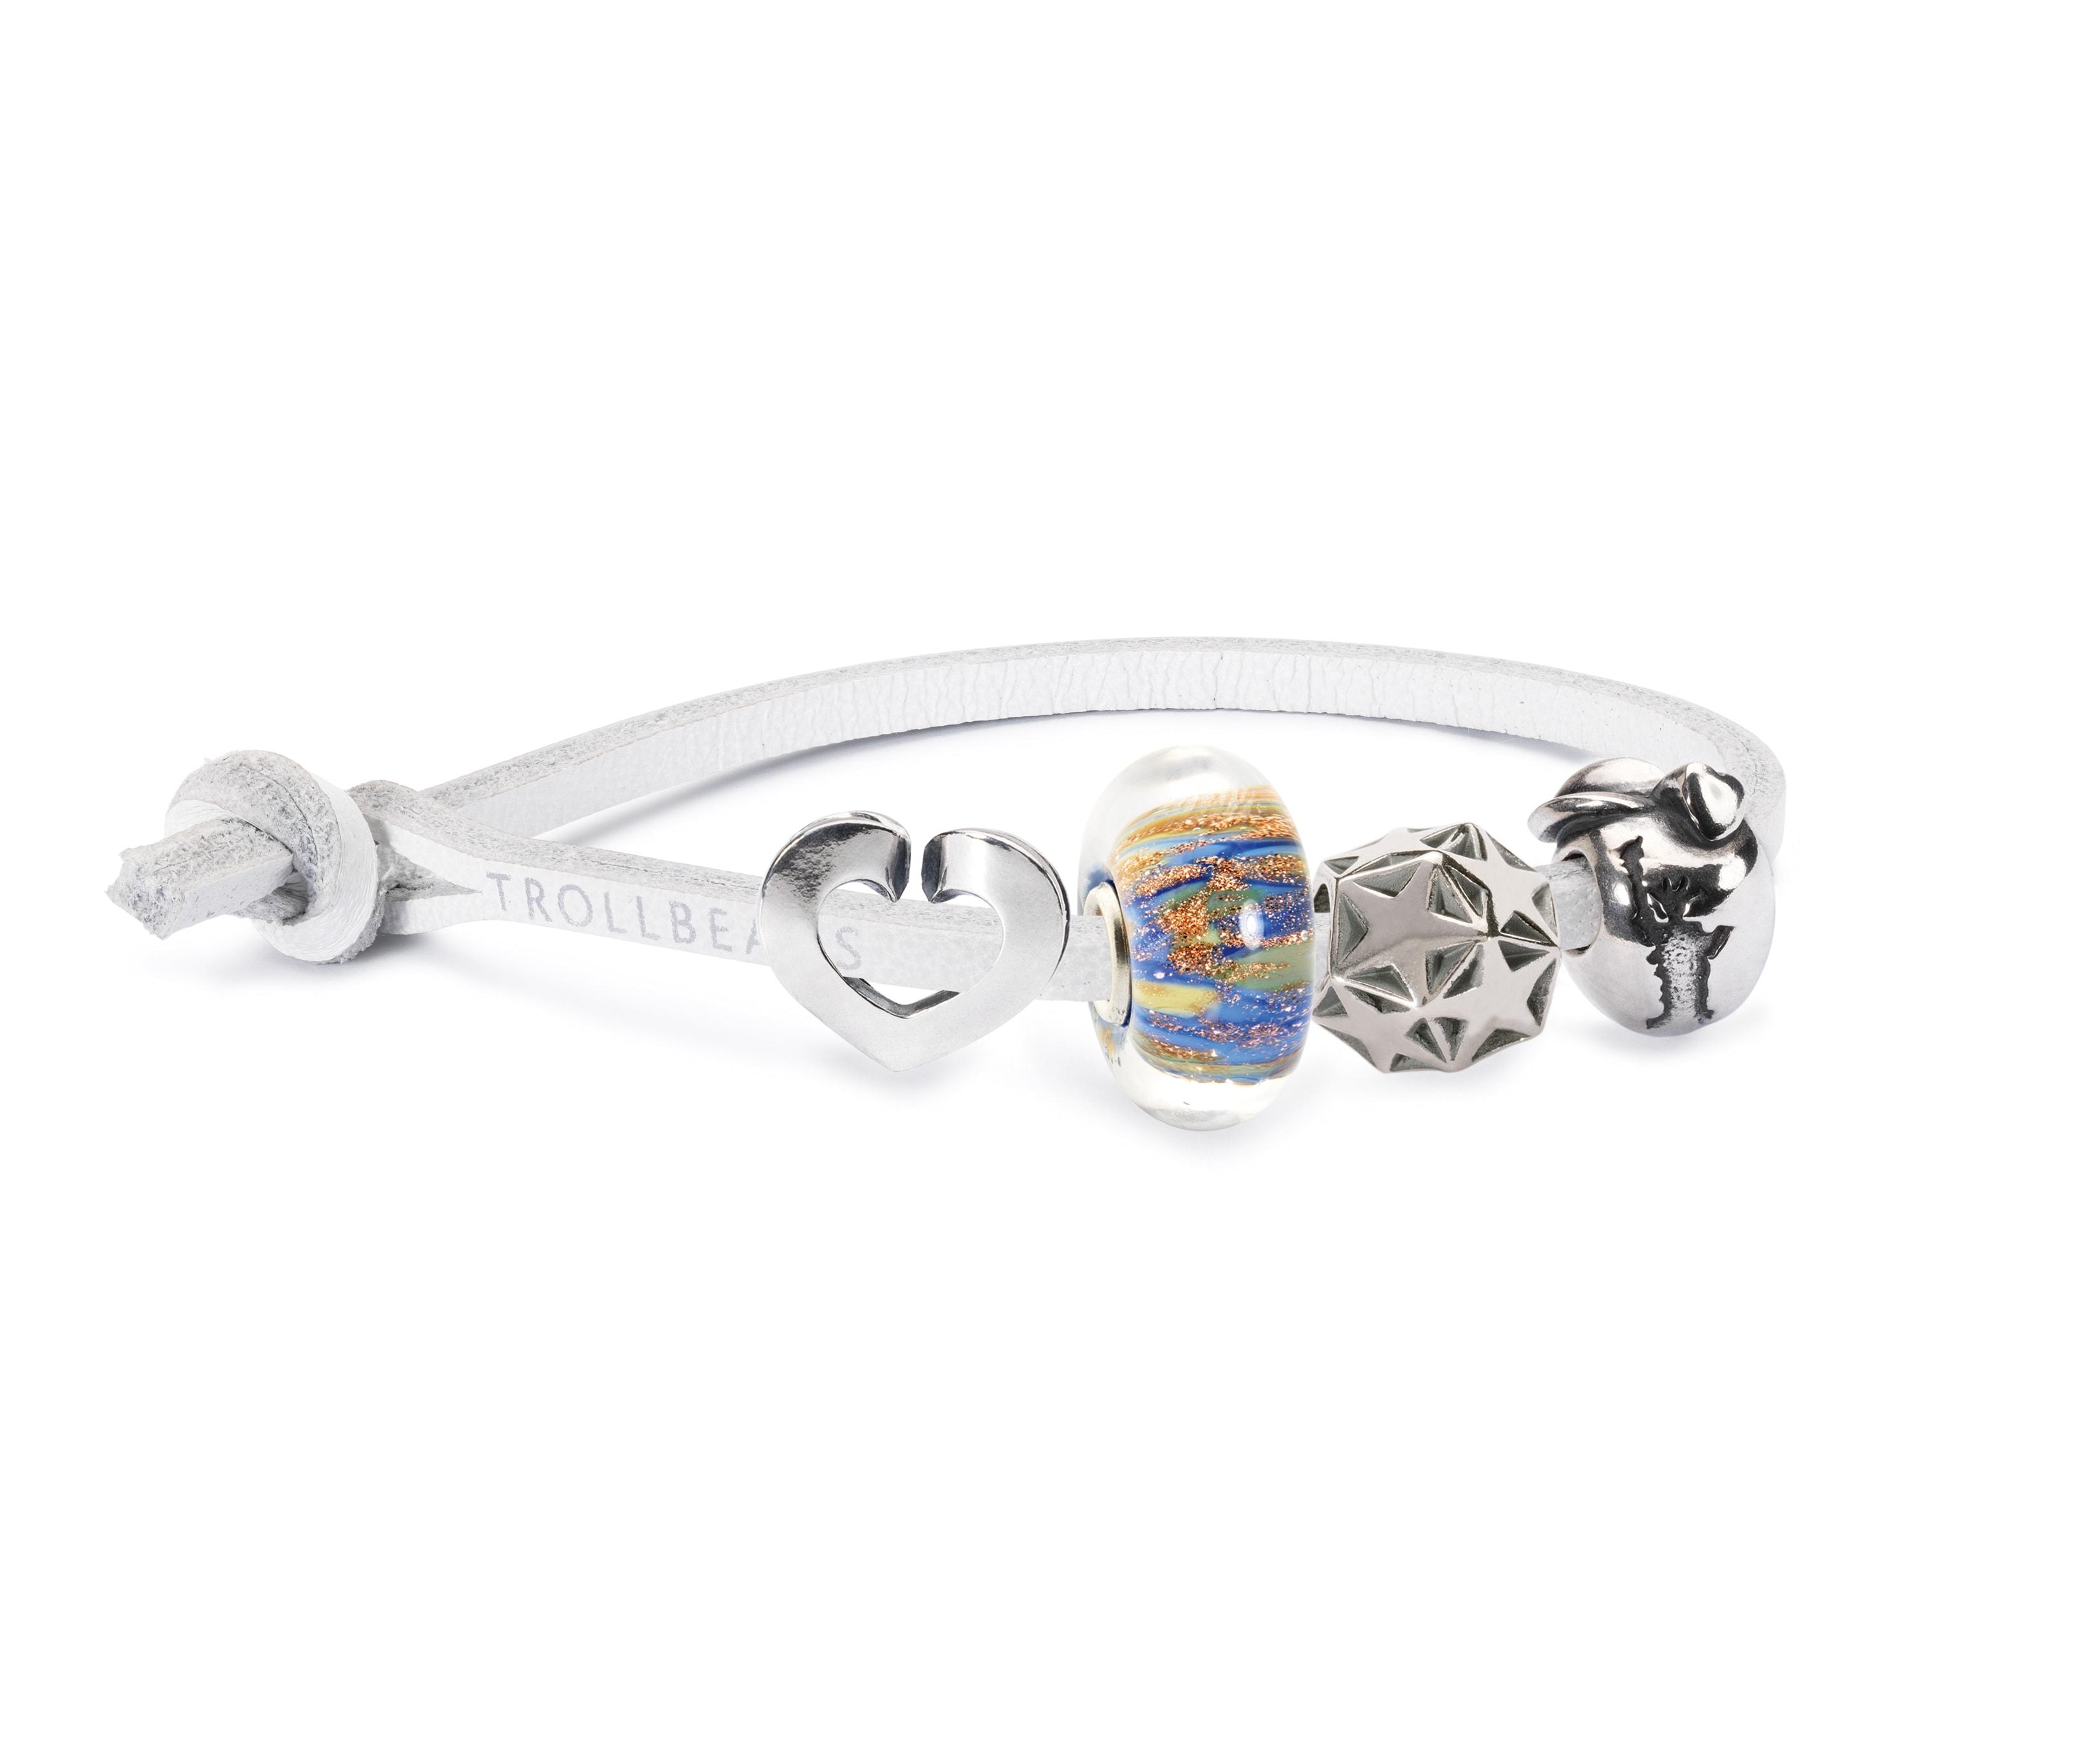 The Trollbeads New York City Bead Bracelet Giveaway! #trollbeads